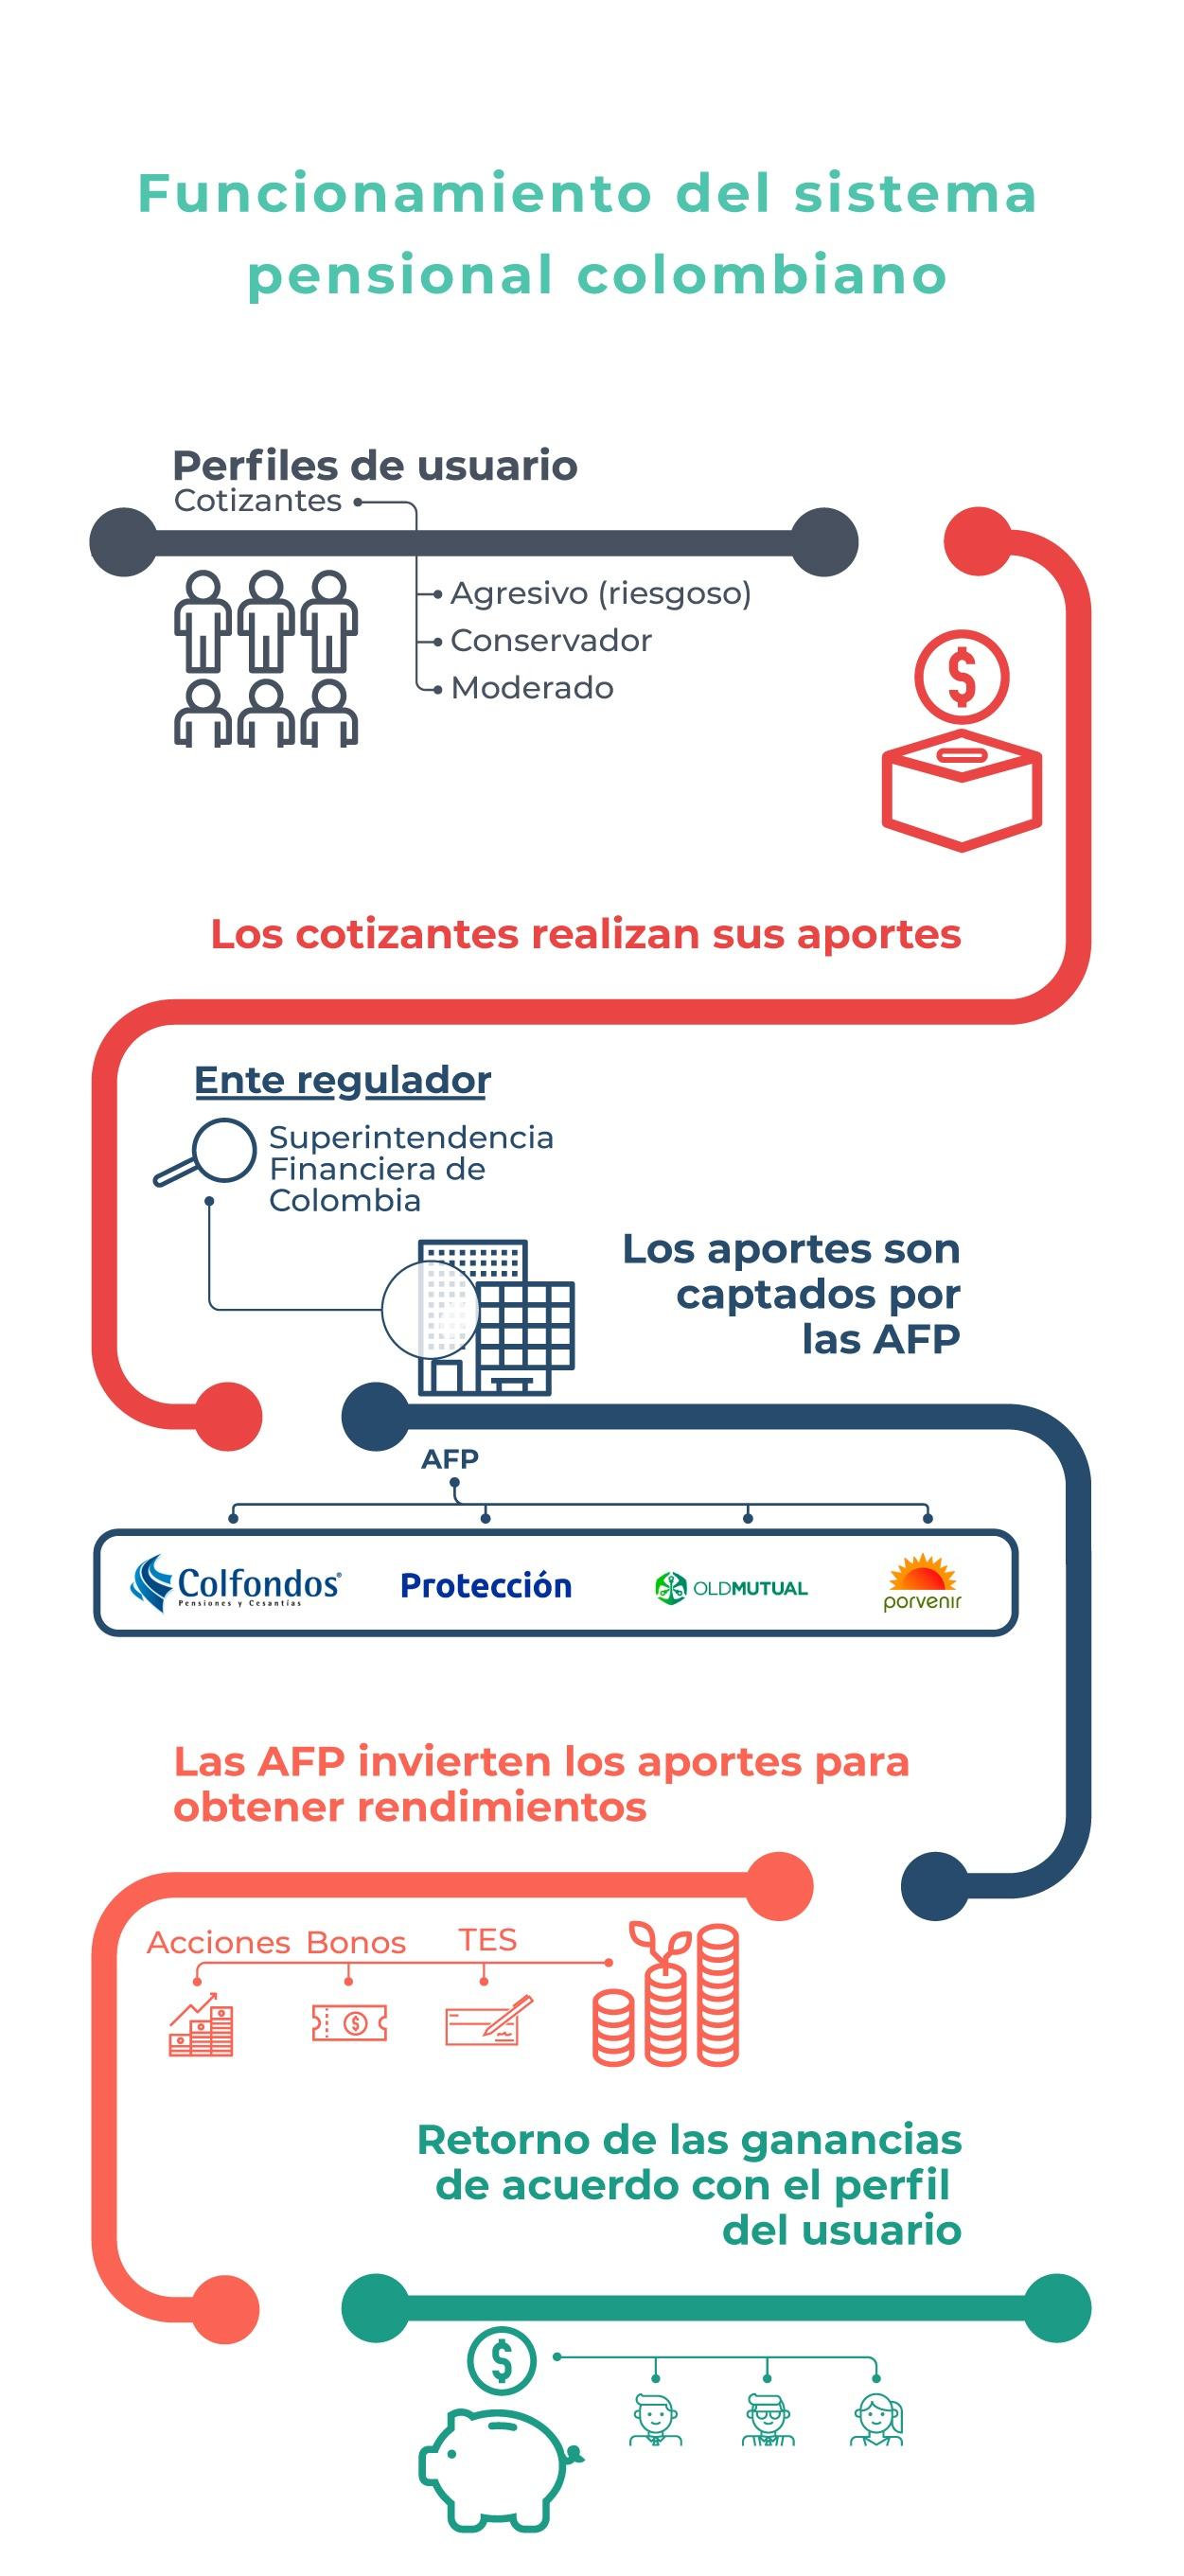 datos_en_contexto_funcionamiento_del_sistema_pensional_colombiano_7jpg-10-07